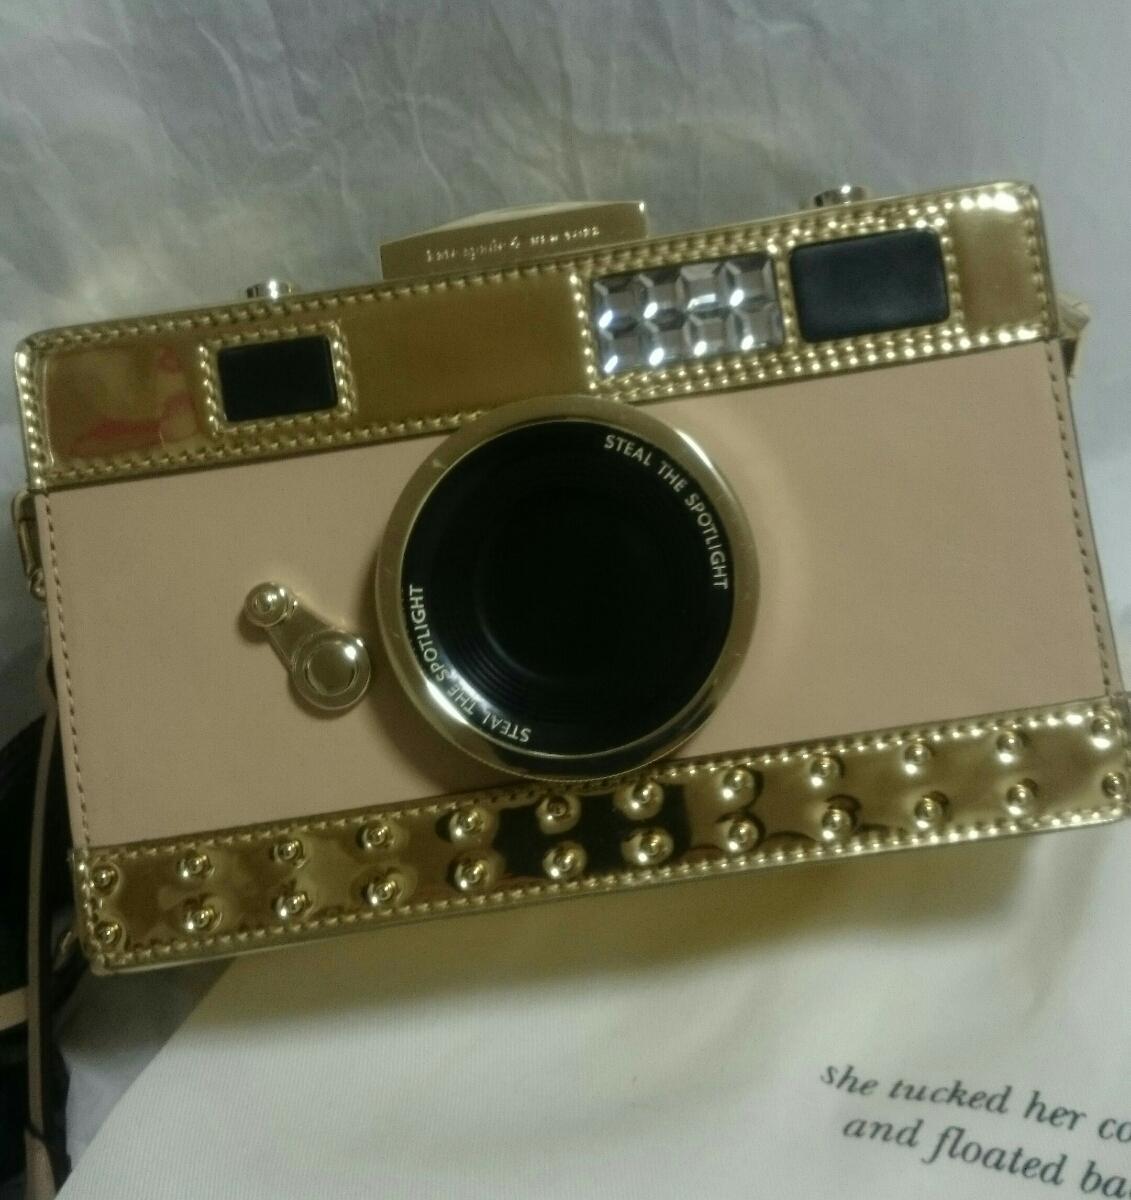 ケイトスペード カメラバッグ spice things up camera bag kate spade new york ショルダーバッグ _画像7